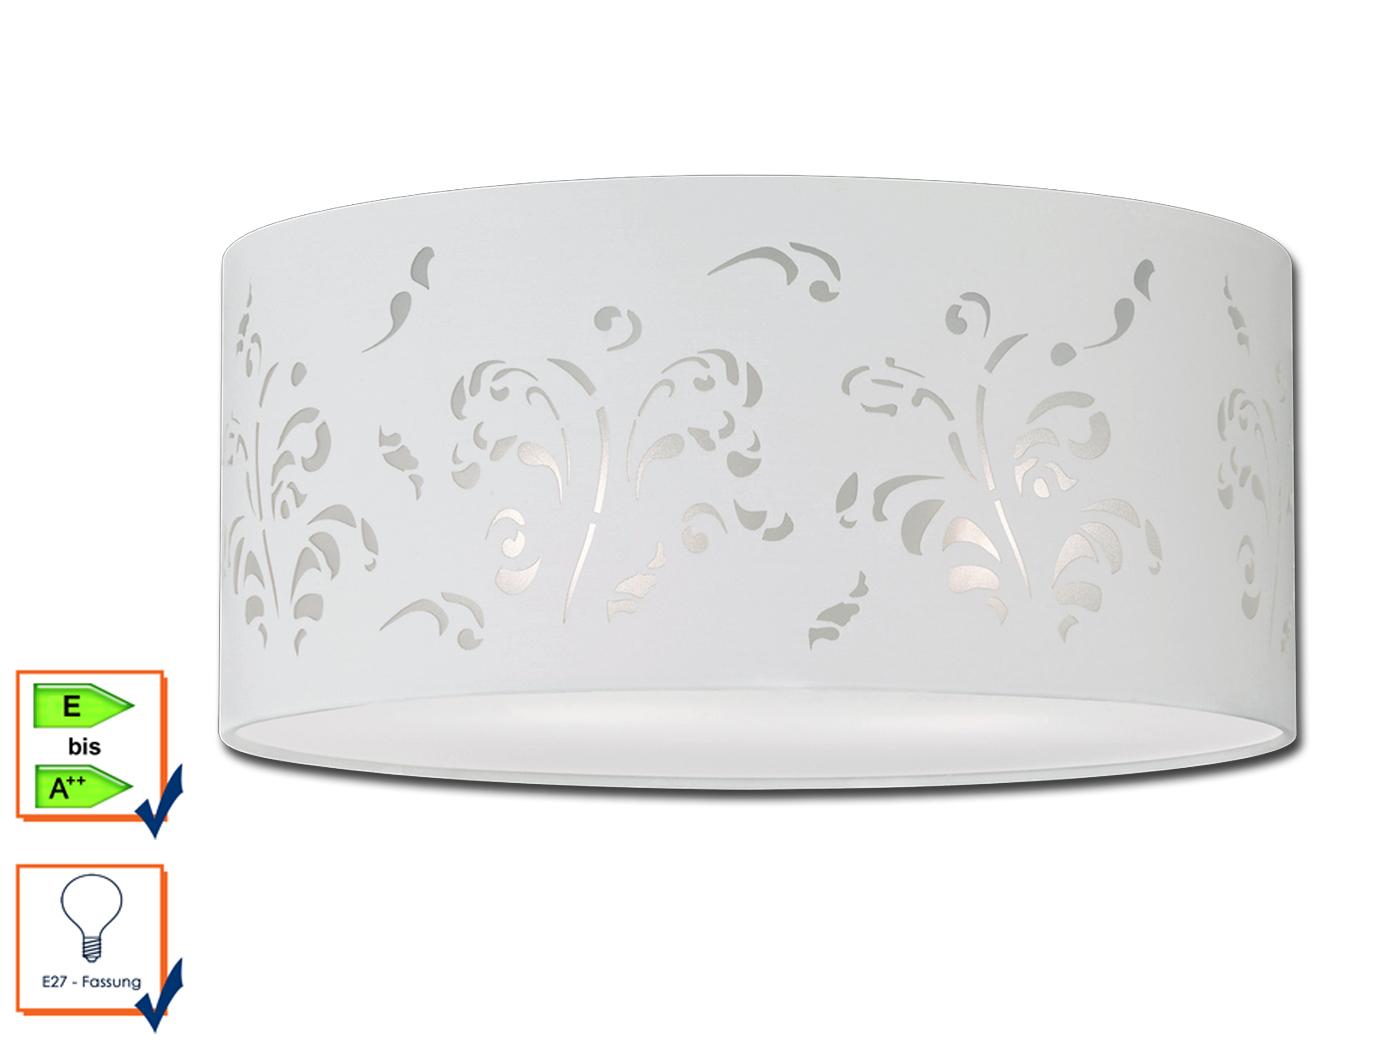 Plafoniere Moderne In Tessuto : Plafoniera con profilo bianco tessuto ombrello decoro Ø 45cm